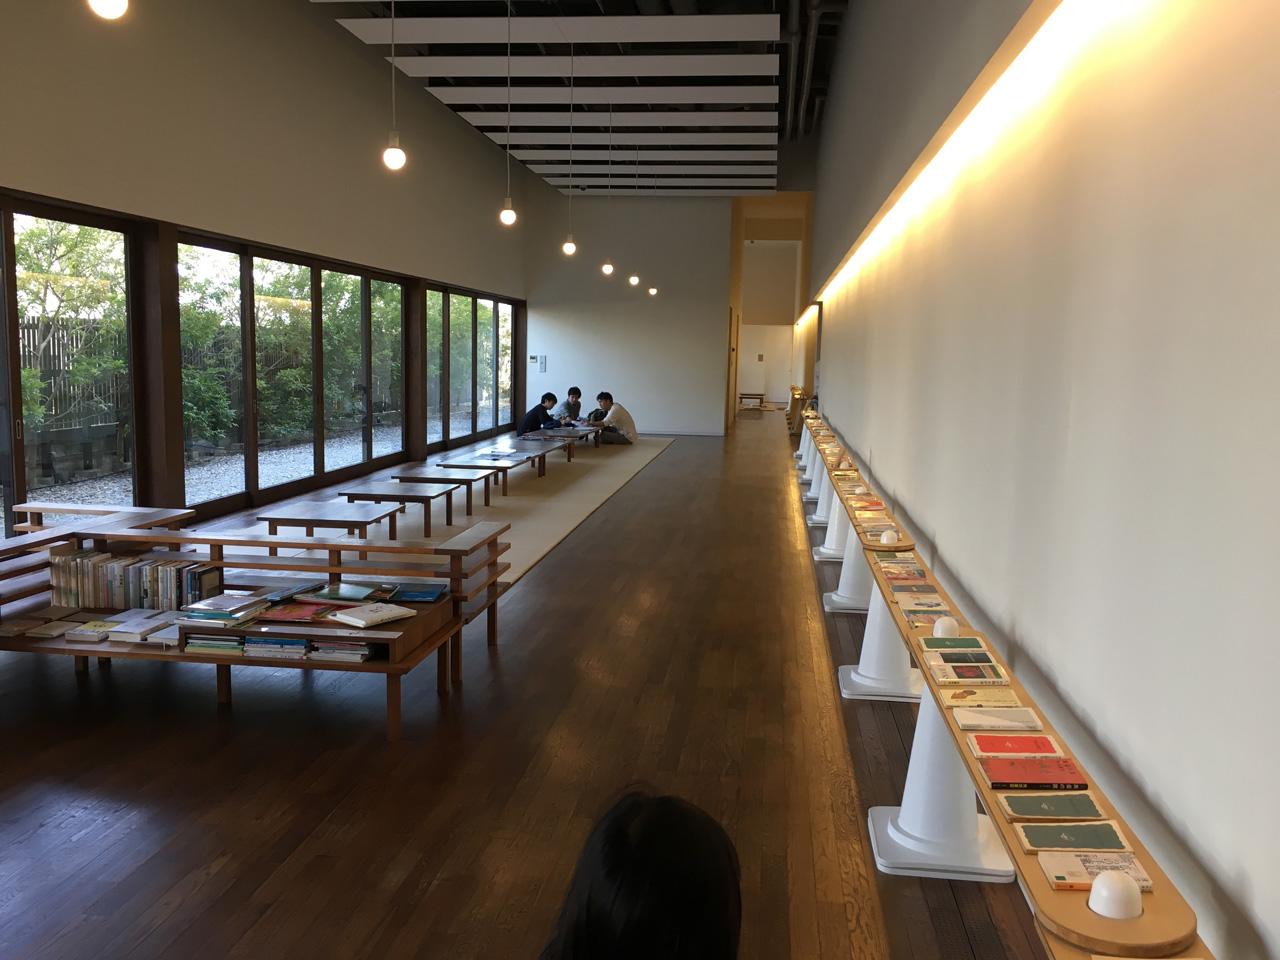 建築物として面白い【仏生山温泉】風呂デザインが秀逸の日帰り温泉